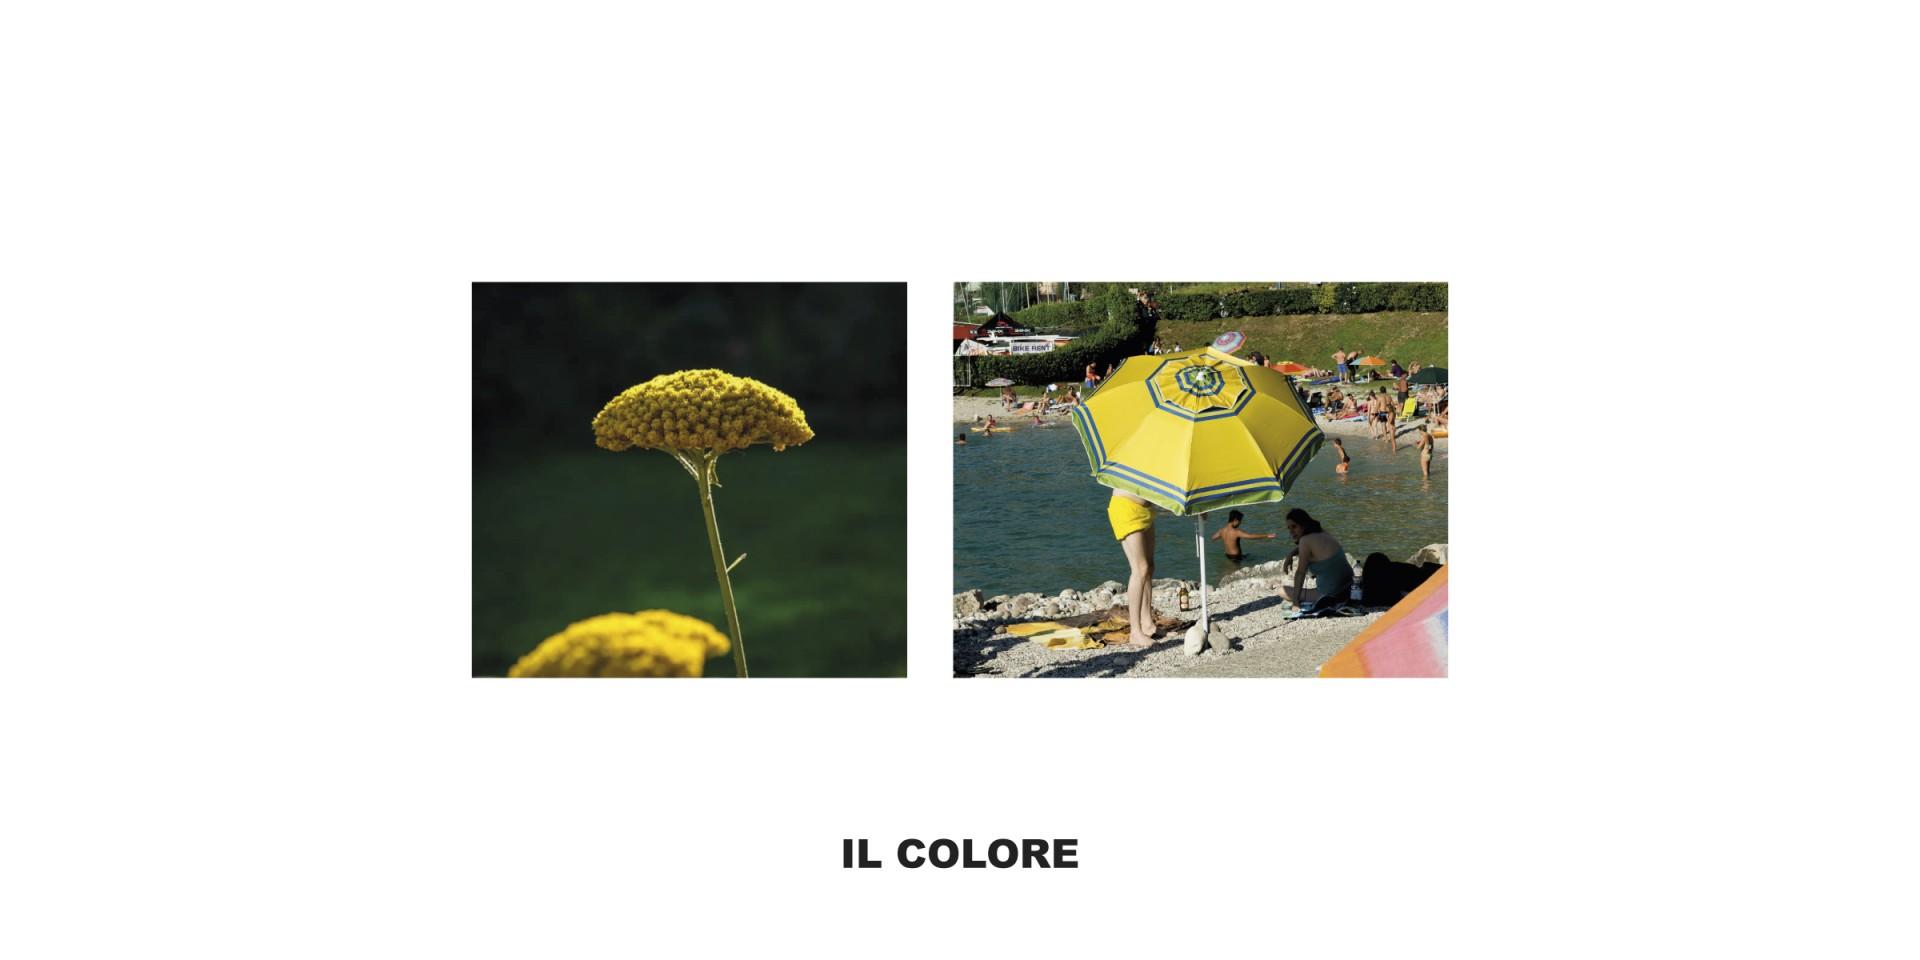 02-slide-il-colore-2.jpg